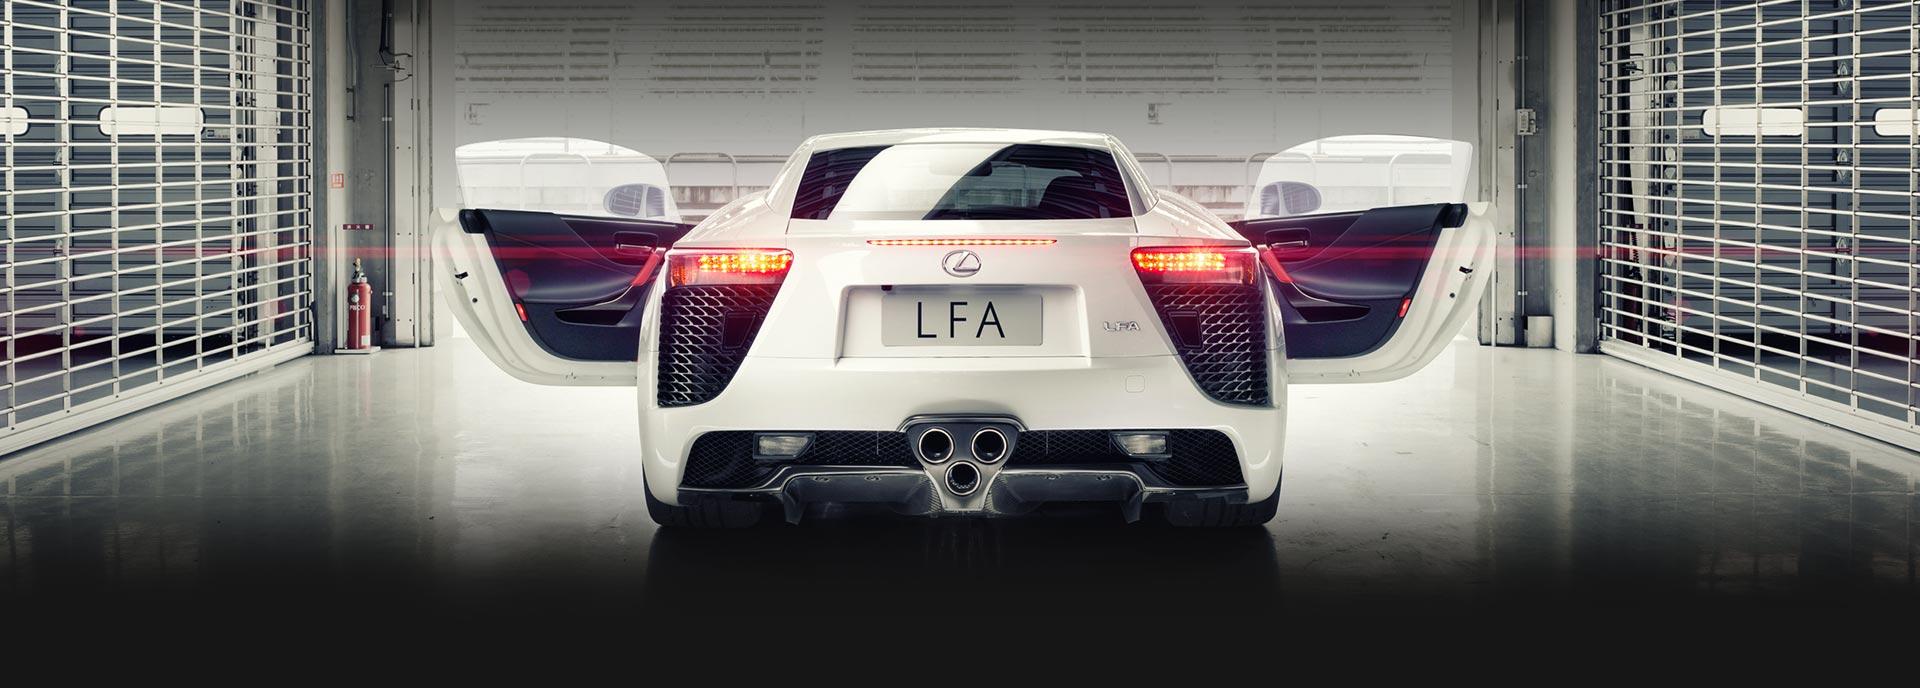 Achterkant witte Lexus LFA met deuren open